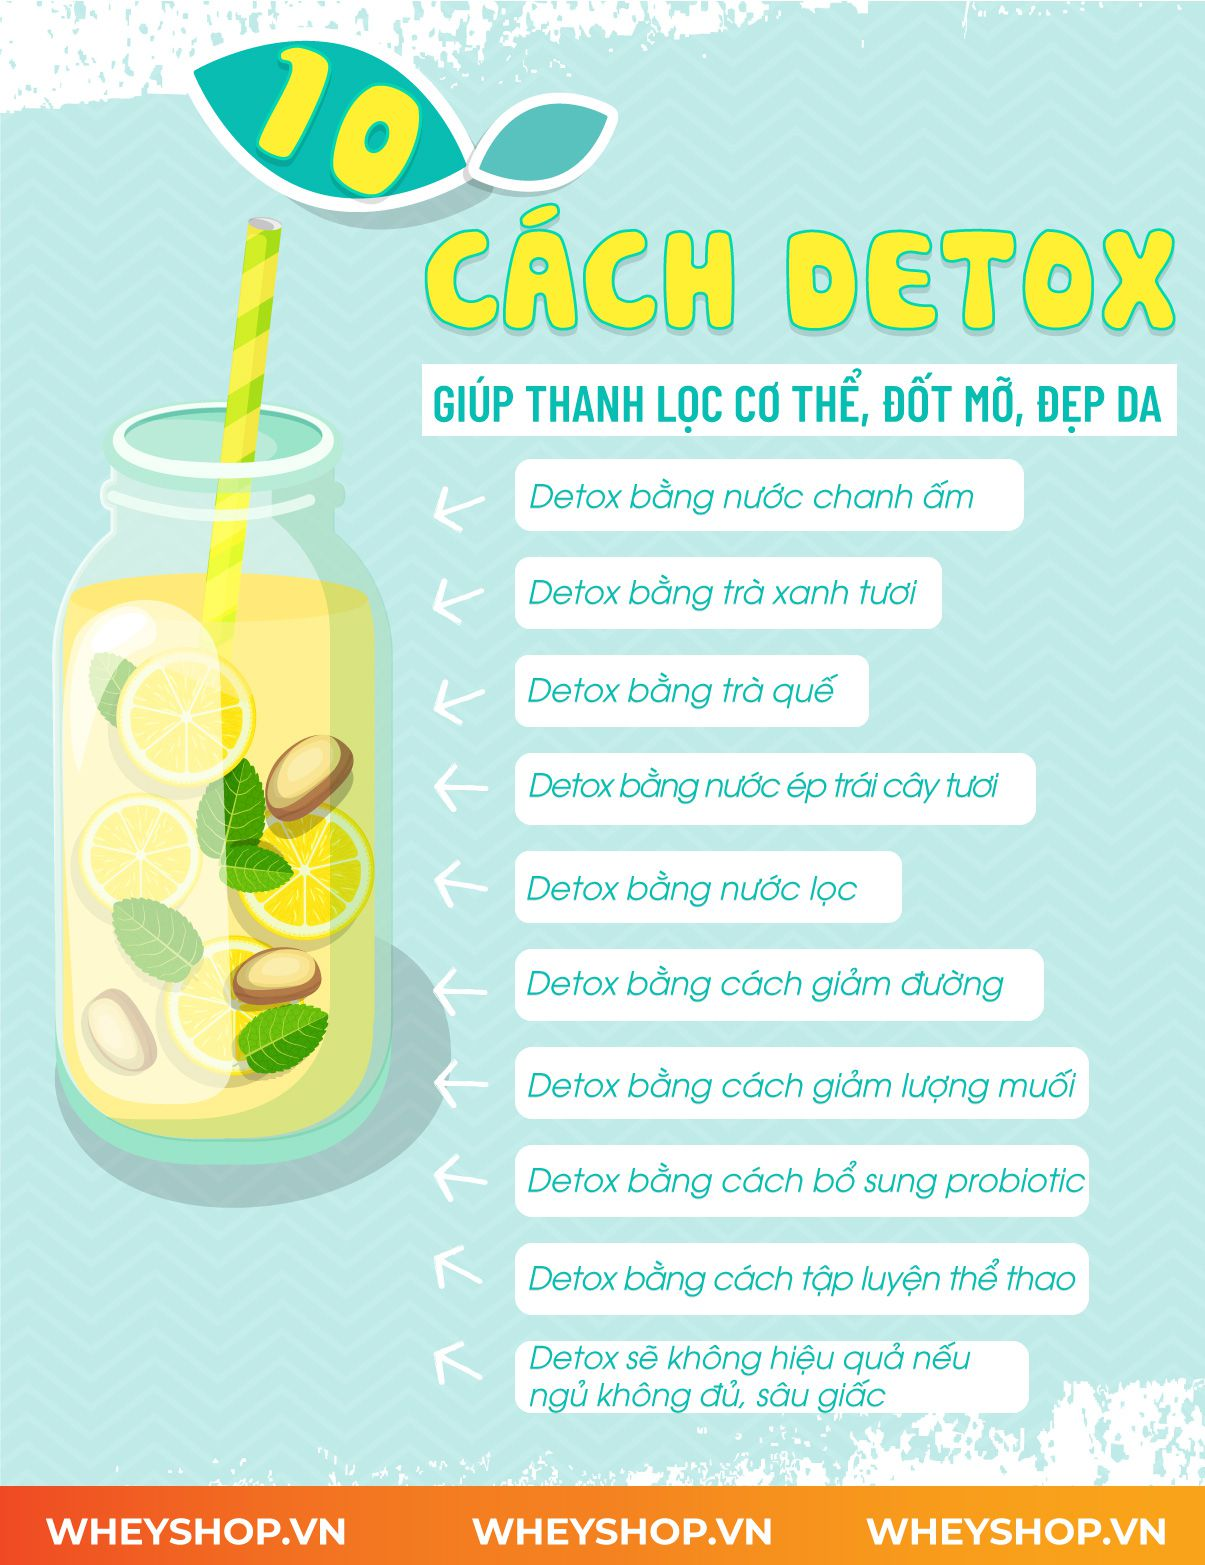 Detox là gì? Hãy cùng WheyShop tìm hiểu khái niệm chi tiết về Detox là gì và các phương pháp detox thanh lọc cơ thể, giảm mỡ hiệu quả qua bài viết...